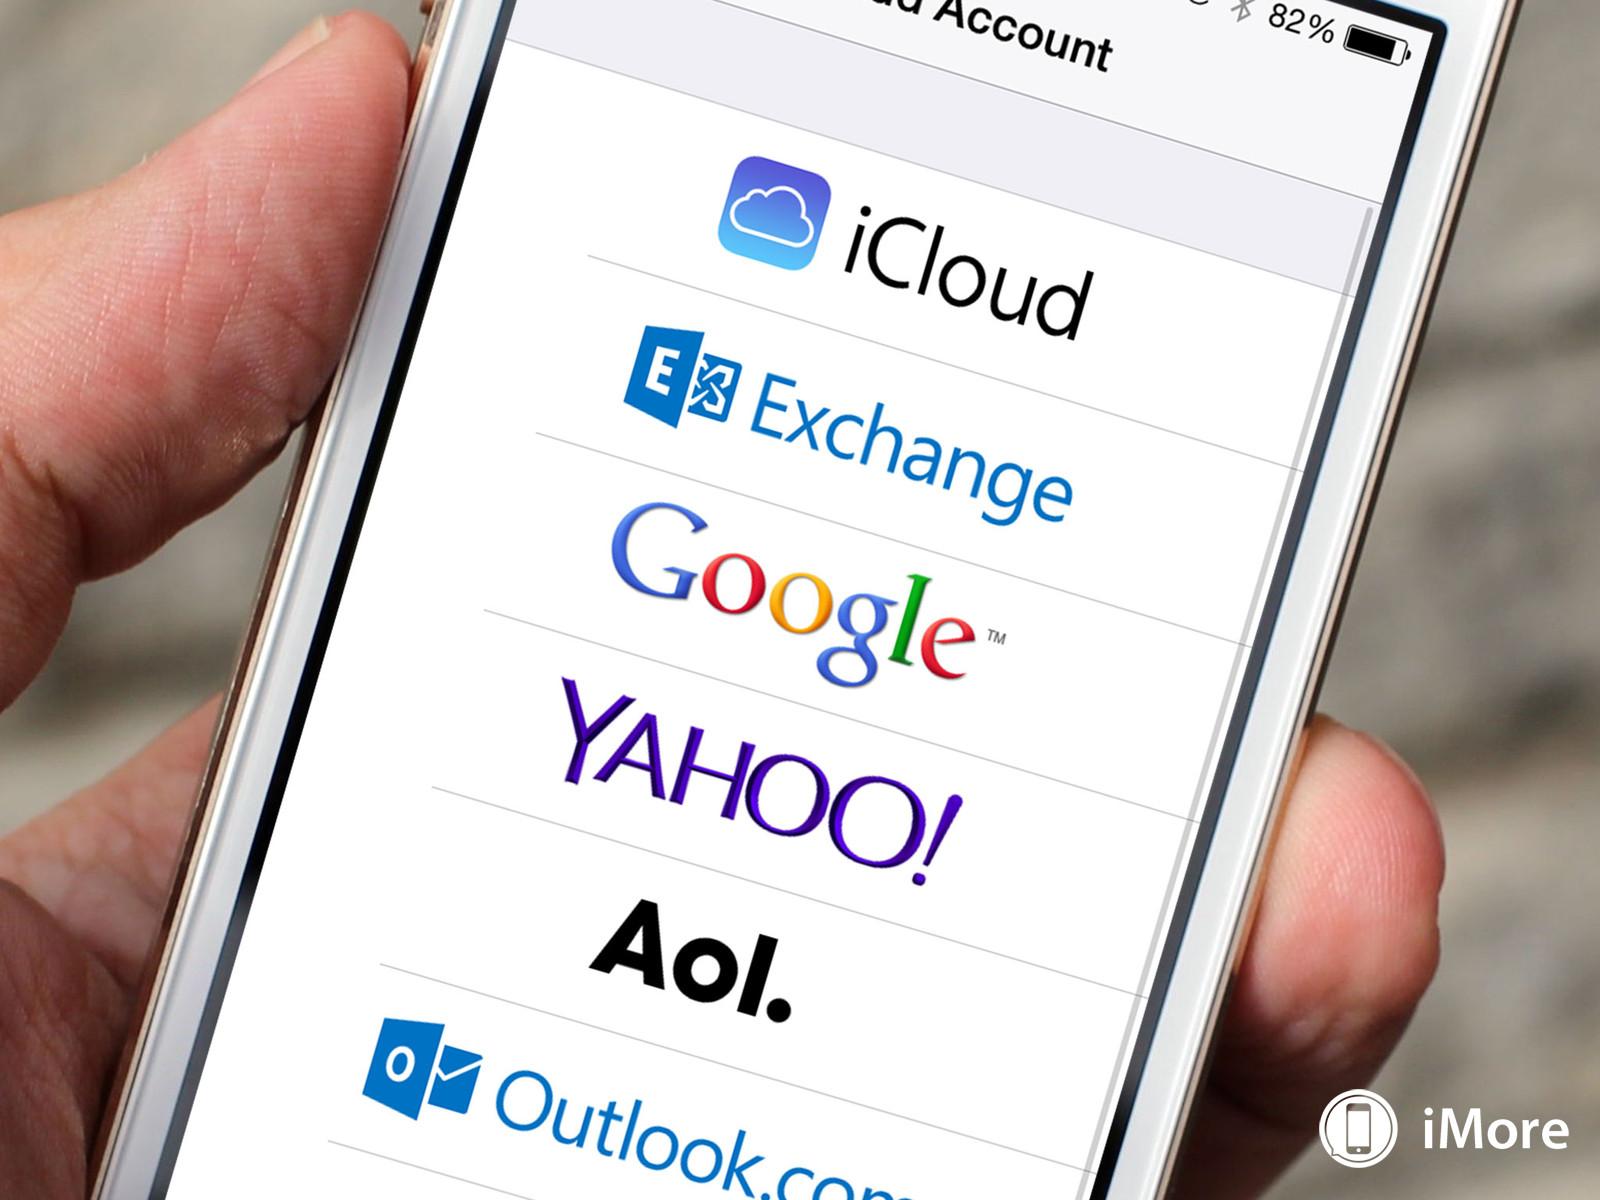 چگونه حساب گوگل را در آیفون و آیپد مدیریت کنید؟